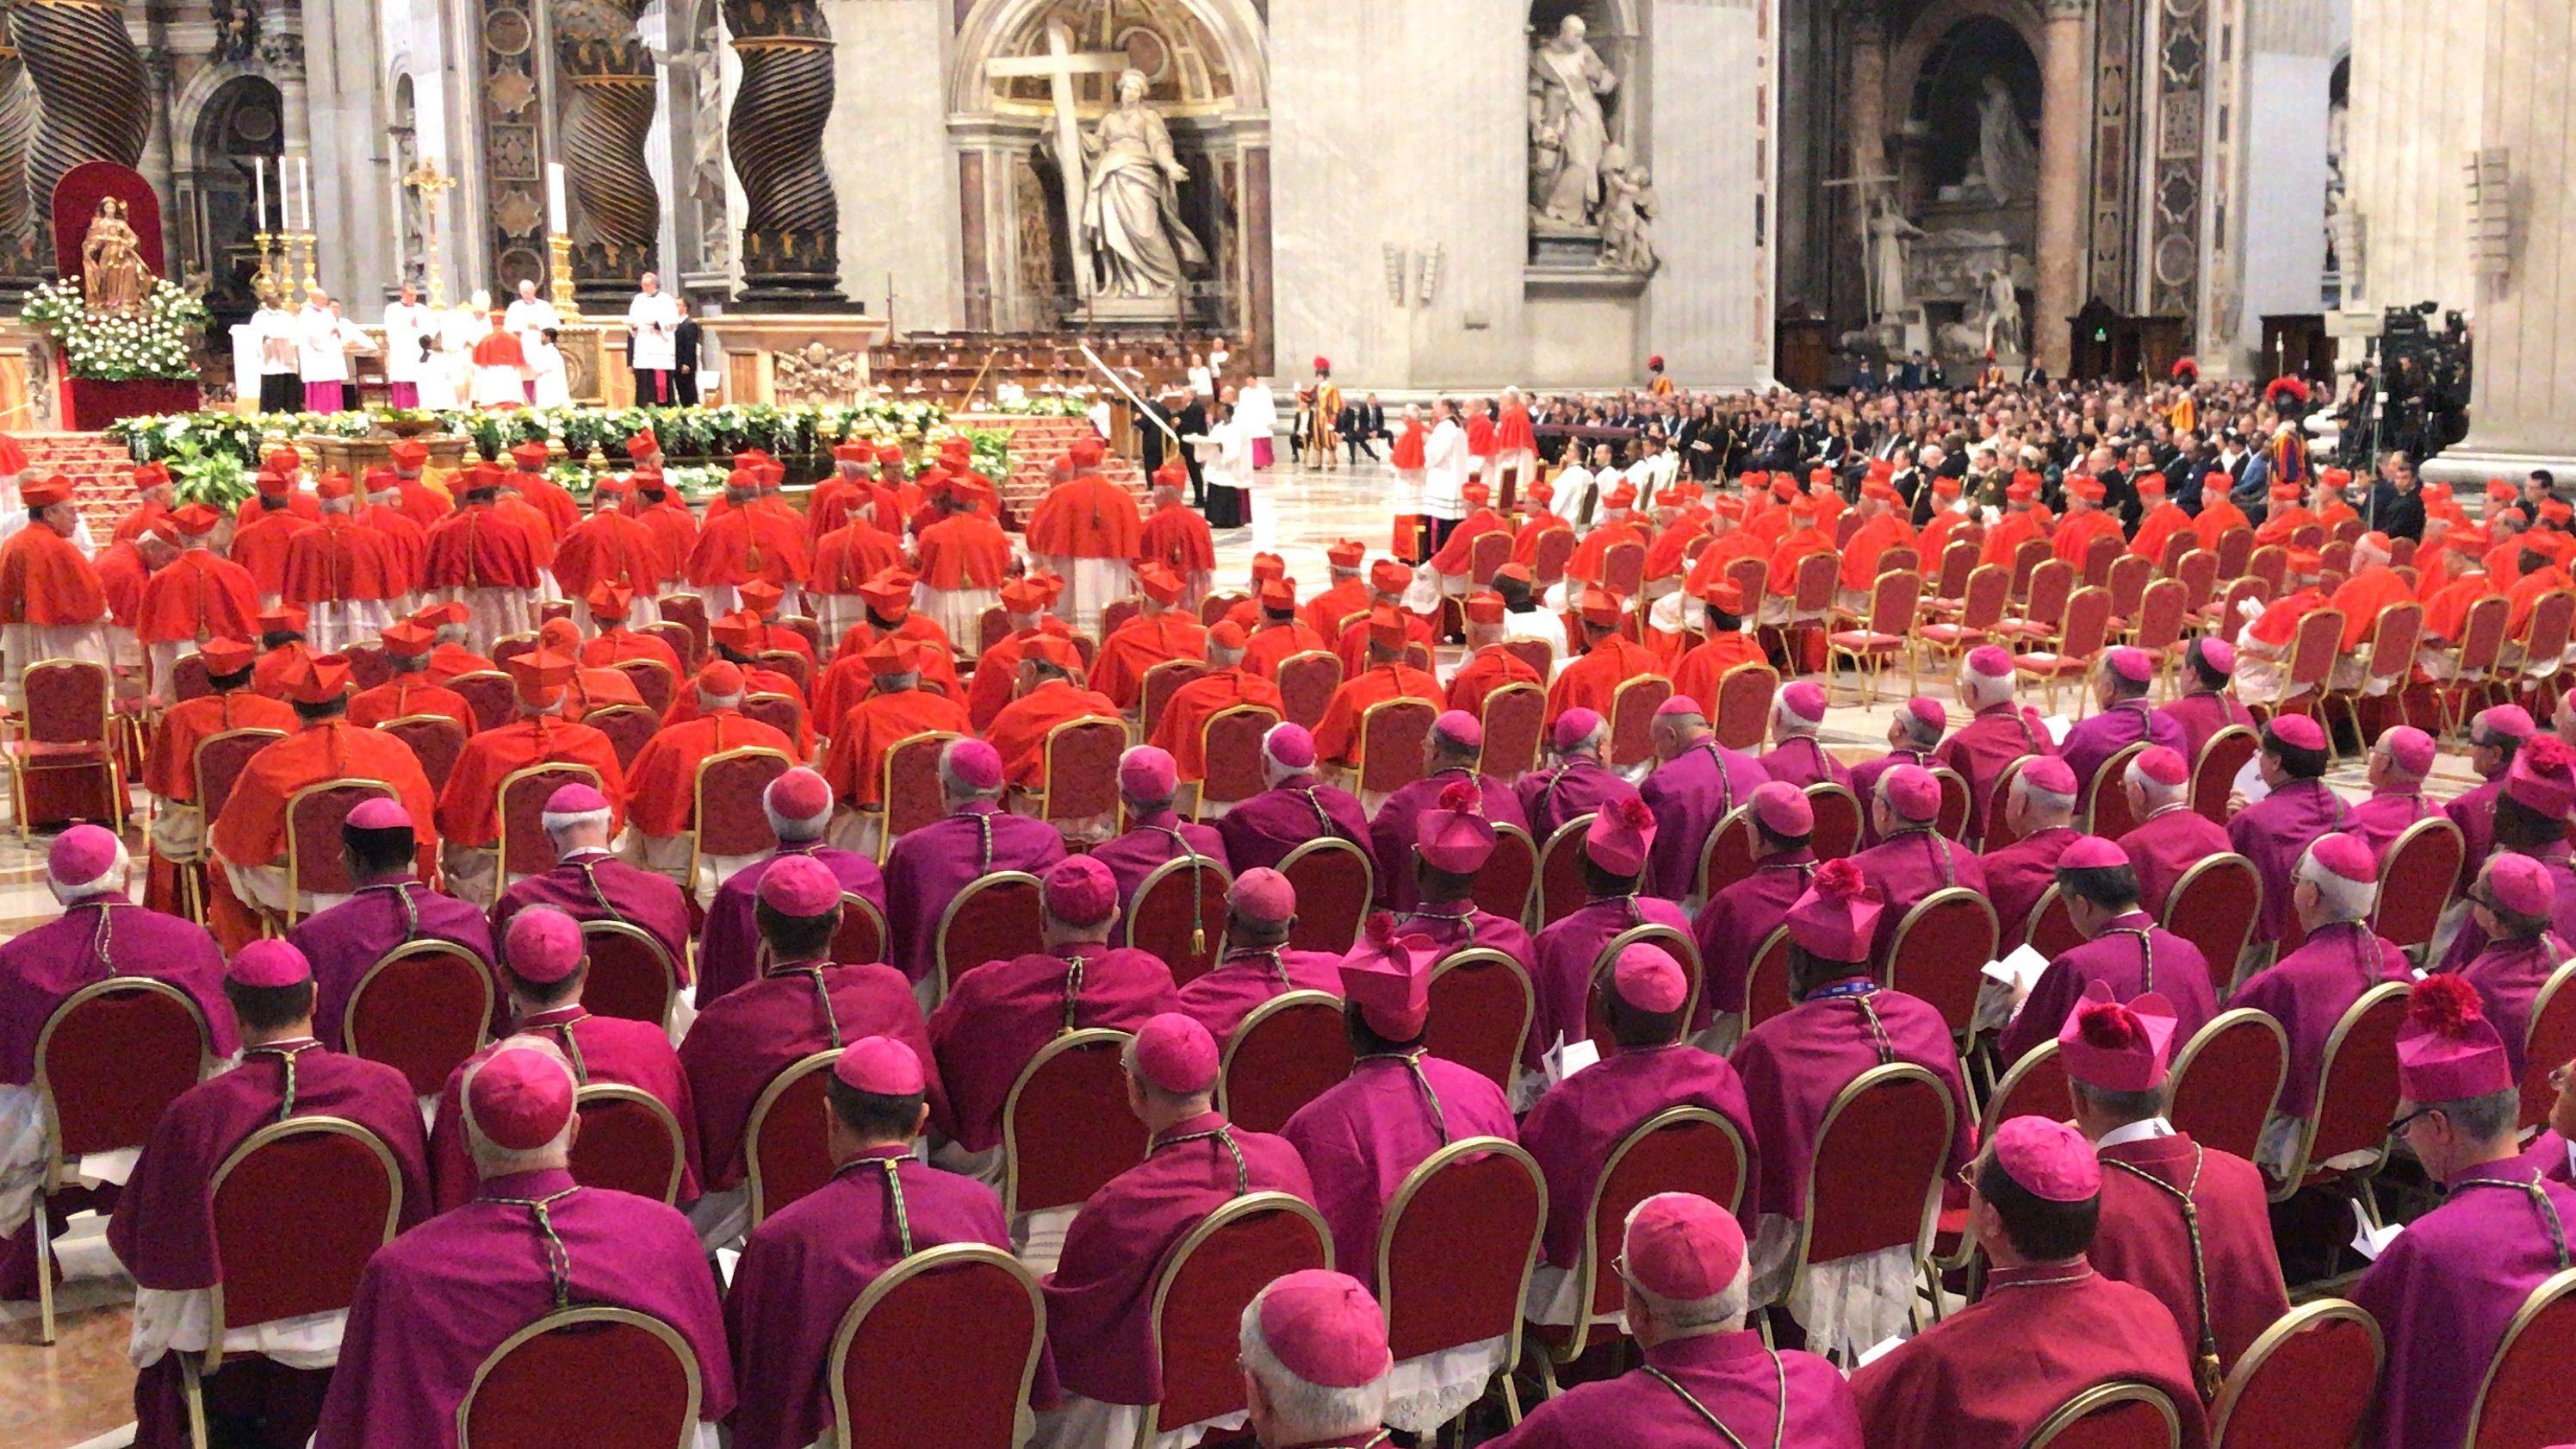 283 Bischöfe, Sachverständige, Sondergesandte und Beobachter sind Teilnehmer an der Amazonassynode in Rom.